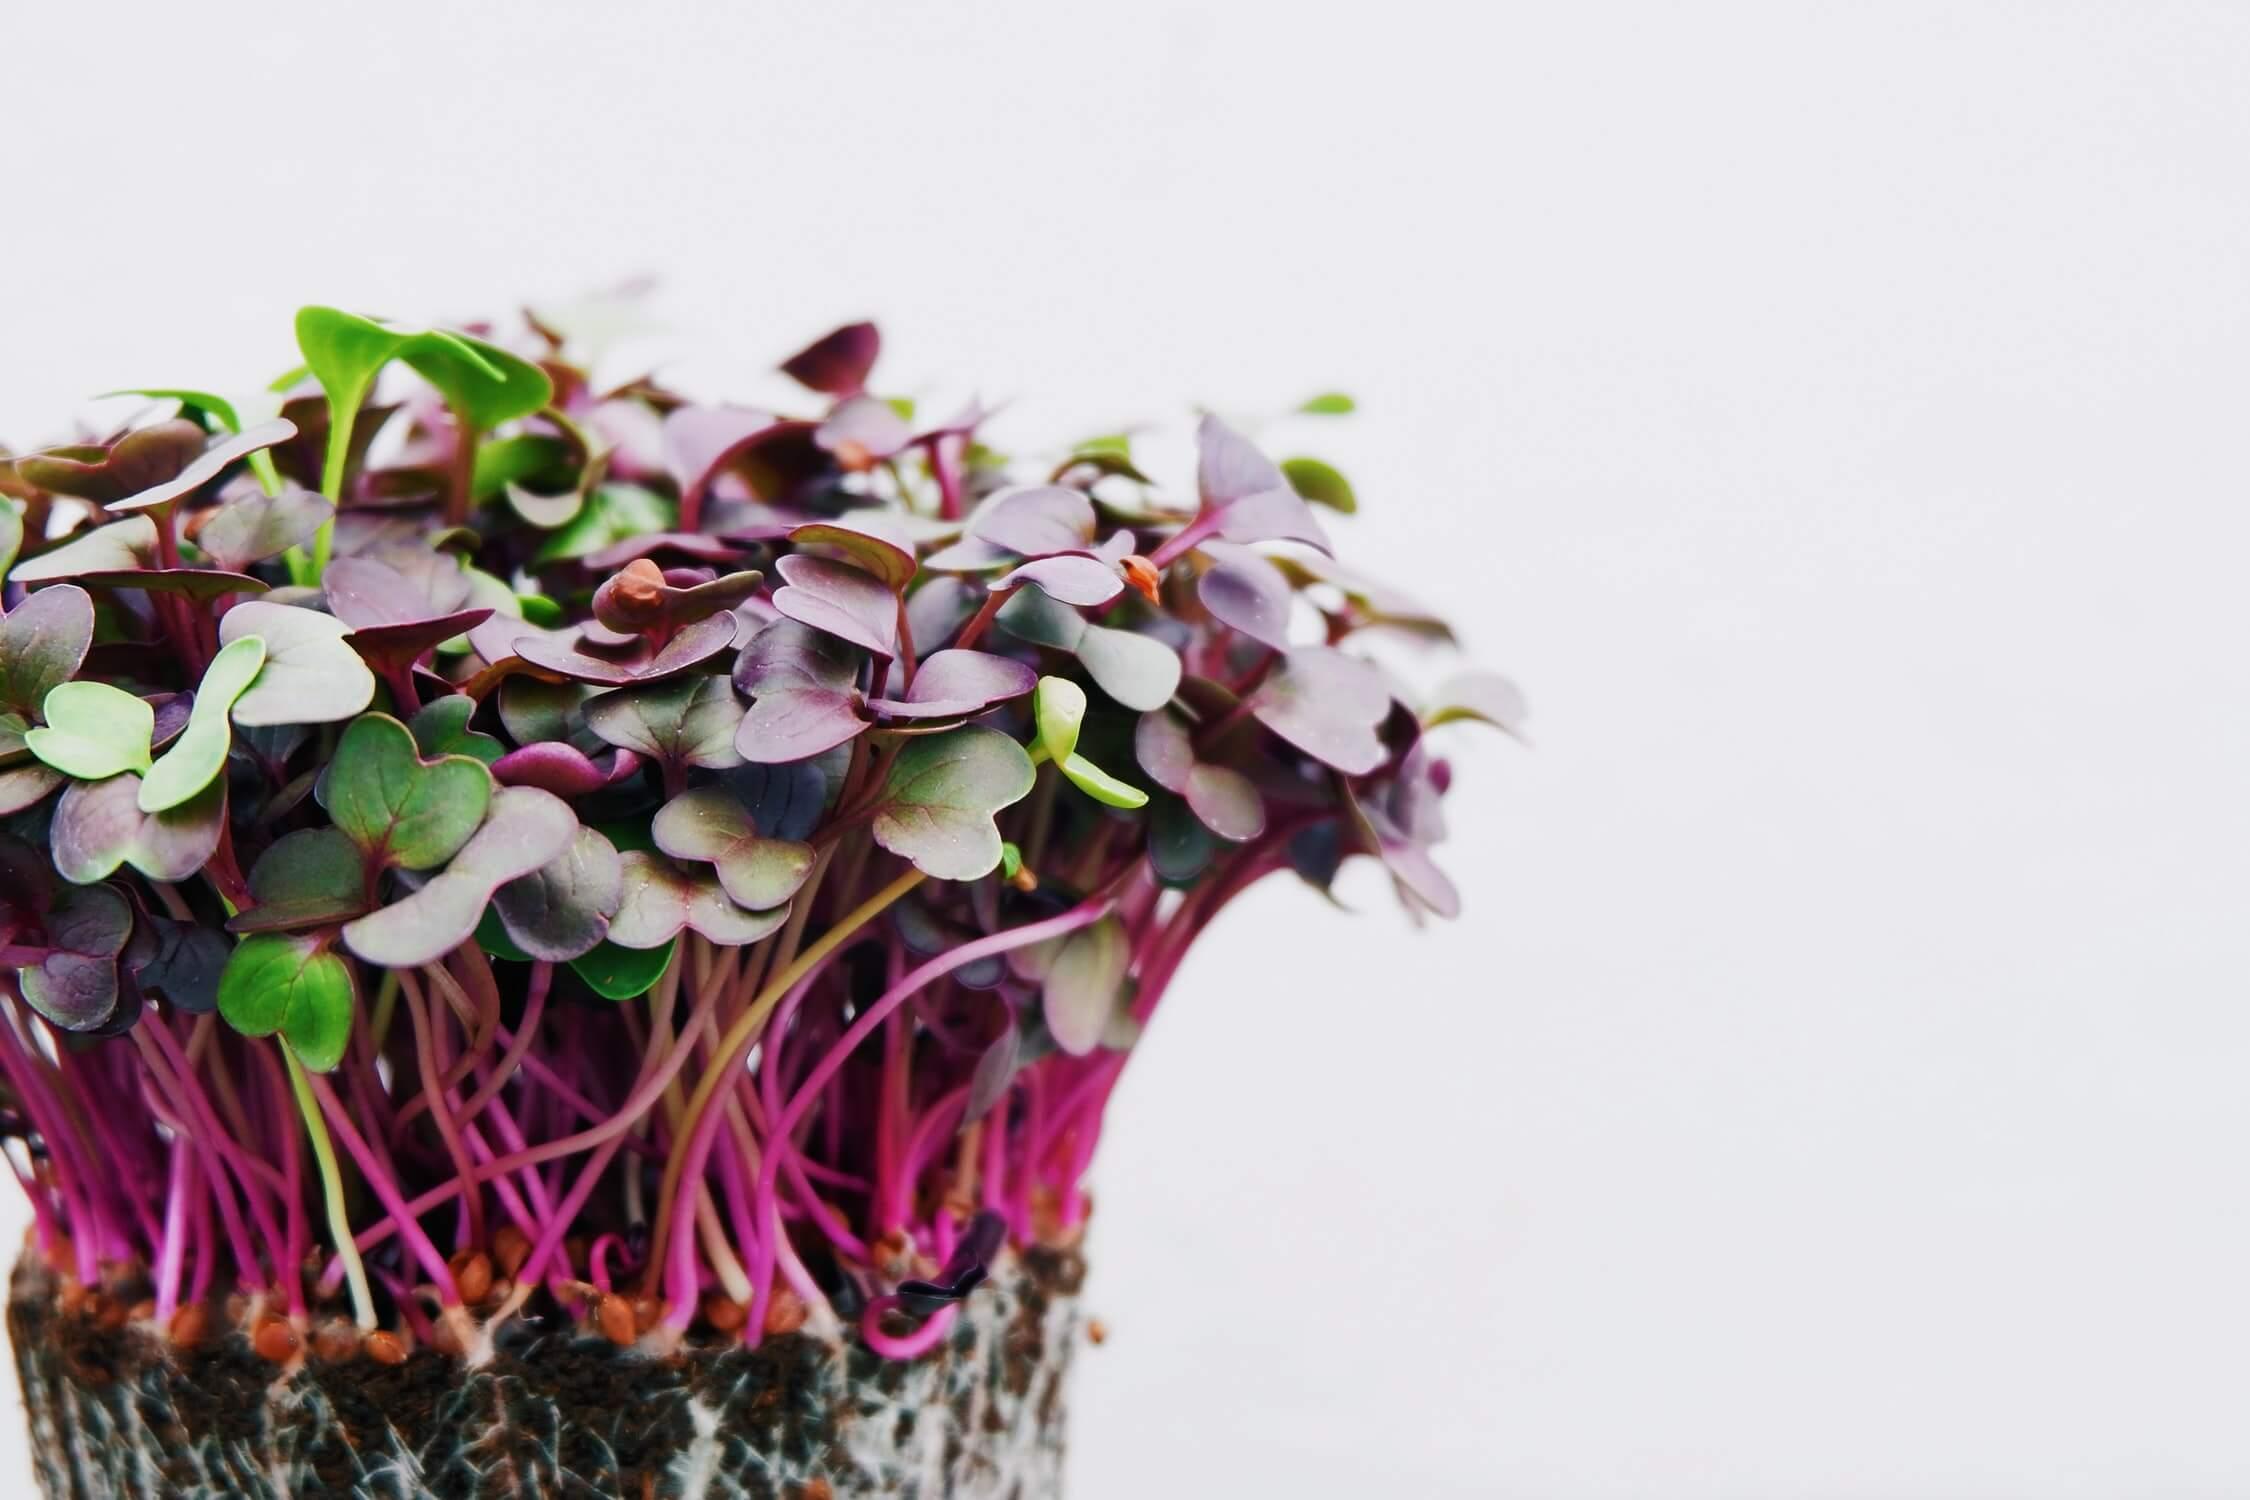 Používajte semienka určené na klíčenie a konzumovanie